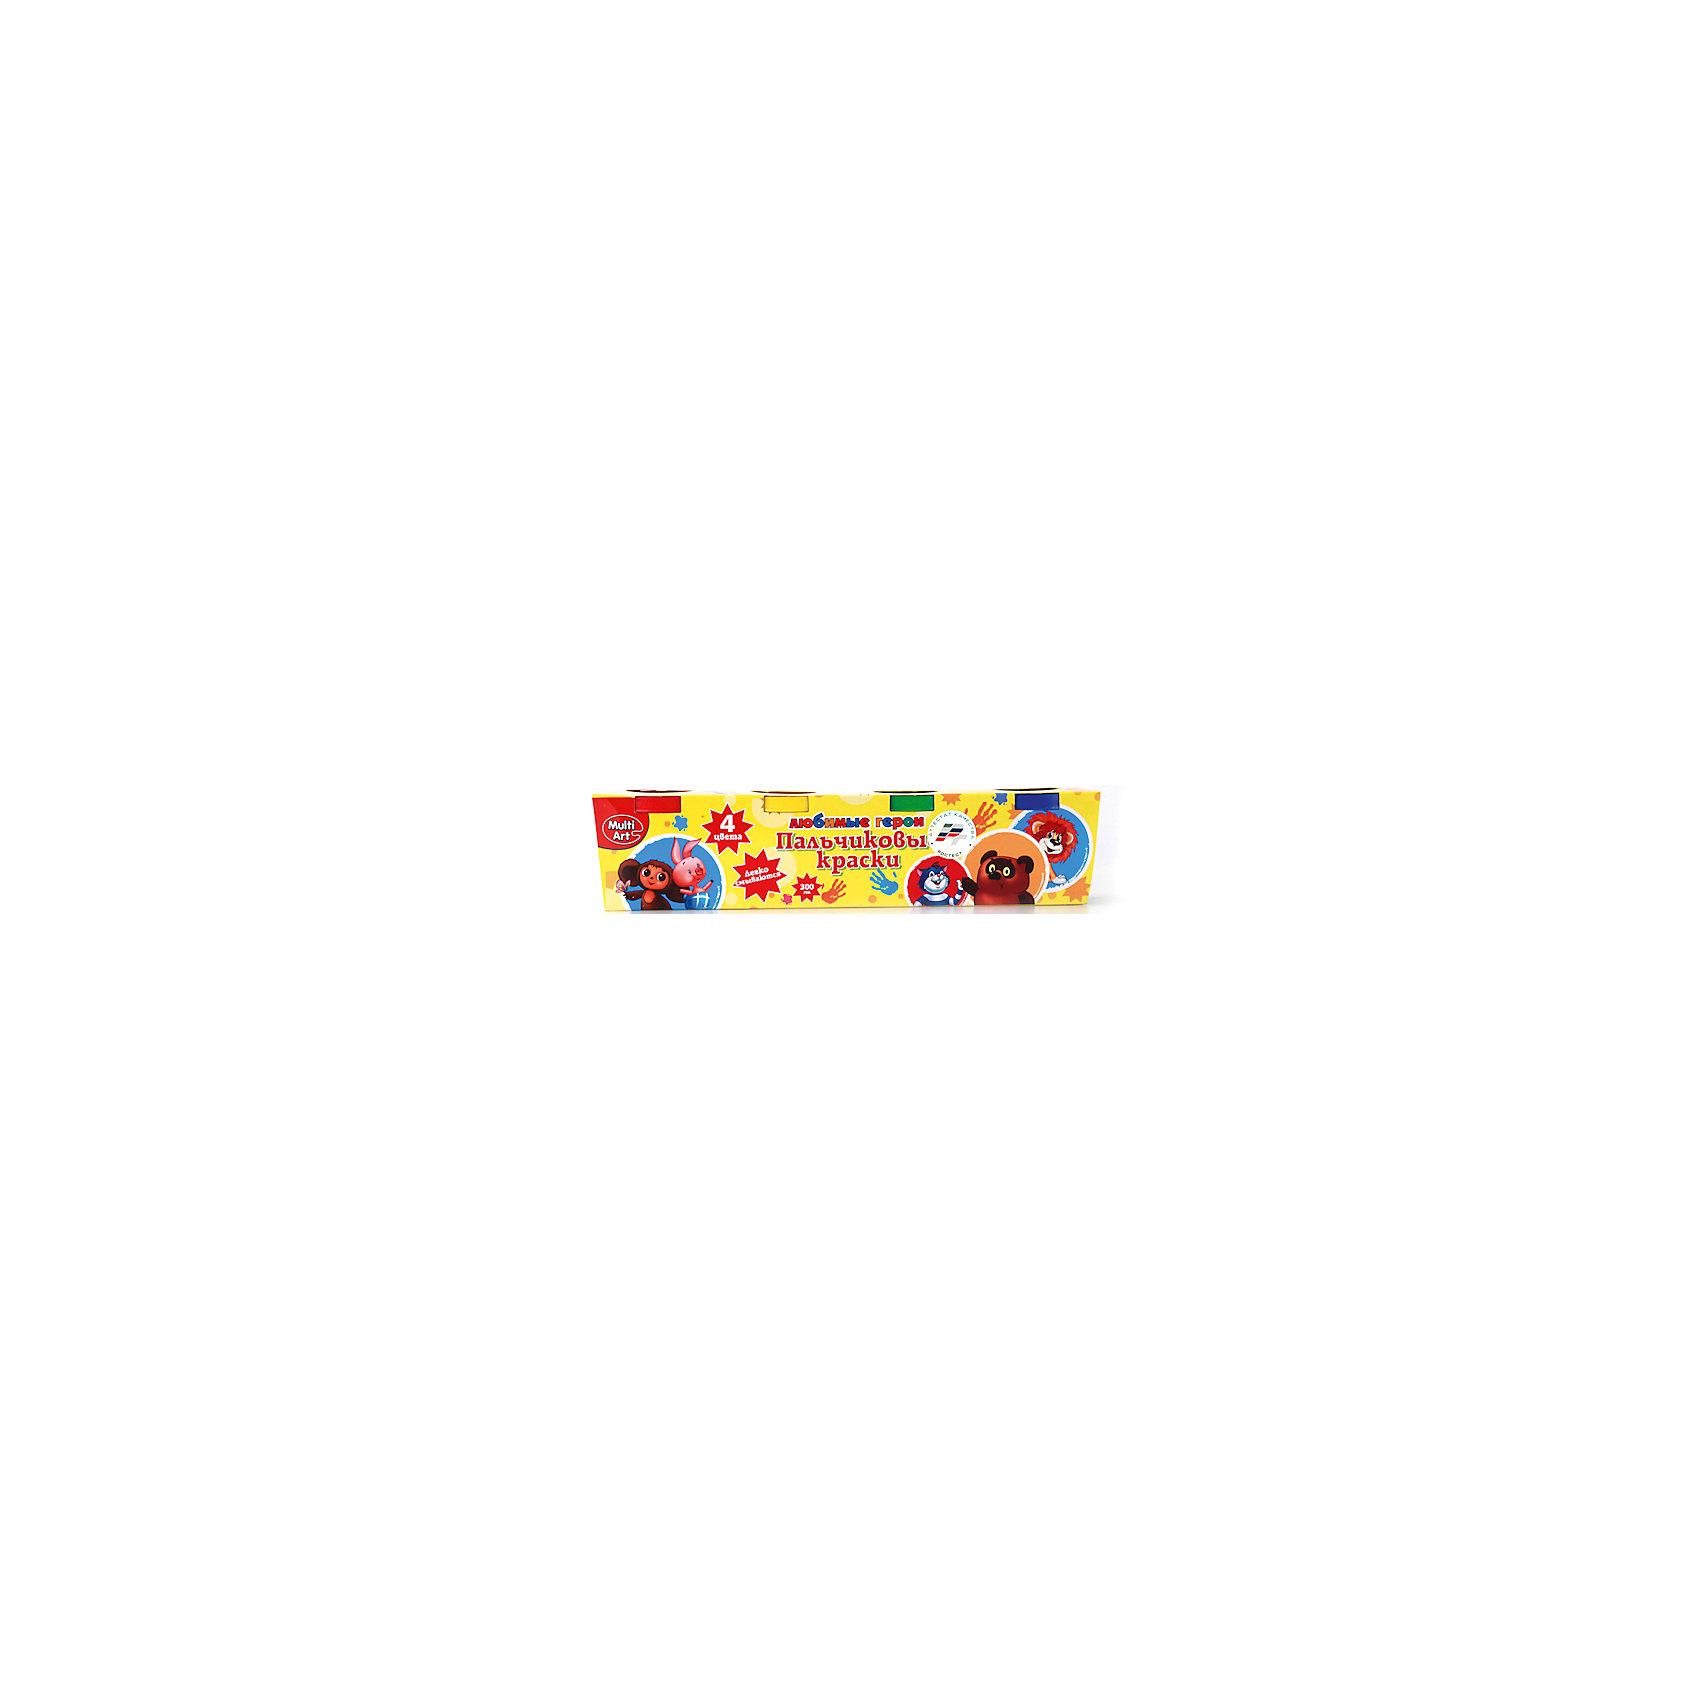 Пальчиковые краски, Союзмультфильм, 4 цветаПальчиковые краски<br>Пальчиковые краски с полюбившимися героями от киностудии Союзмультфильм абсолютно безопасны и не вызывают аллергии. Кроме того, они легко наносятся и легко смываются при необходимости, цвета можно смешивать.  Рисовать такими красками одно удовольствие!<br>Дополнительная информация:<br>-в наборе: краски 4 цветов(синий, красный, желтый, зеленый)<br>Сказочный персонаж: герои Союзмультфильма<br>-вес: 400 грамм<br>-размер упаковки: 26х6х6 см<br>Пальчиковые краски Союзмультфильм вы можете приобрести в нашем интернет-магазине.<br><br>Ширина мм: 60<br>Глубина мм: 60<br>Высота мм: 260<br>Вес г: 400<br>Возраст от месяцев: 36<br>Возраст до месяцев: 84<br>Пол: Унисекс<br>Возраст: Детский<br>SKU: 4915444